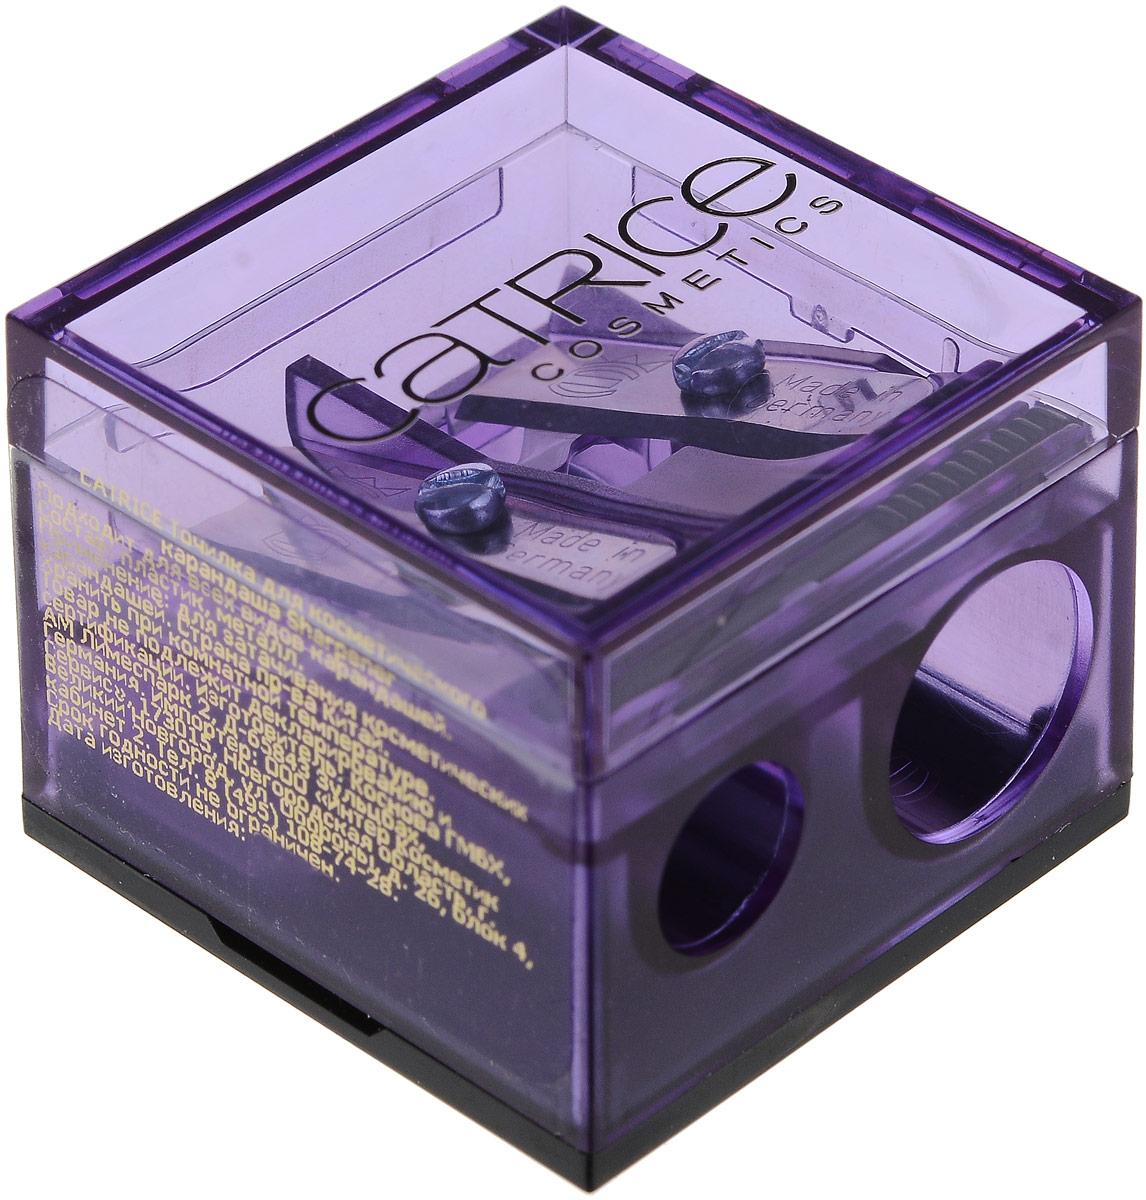 Catrice Точилка для косметического карандаша Sharpener 2 гр, цвет: фиолетовый44651_фиолетовыйCatrice Точилка для косметического карандаша Sharpener 2 гр, цвет: фиолетовый